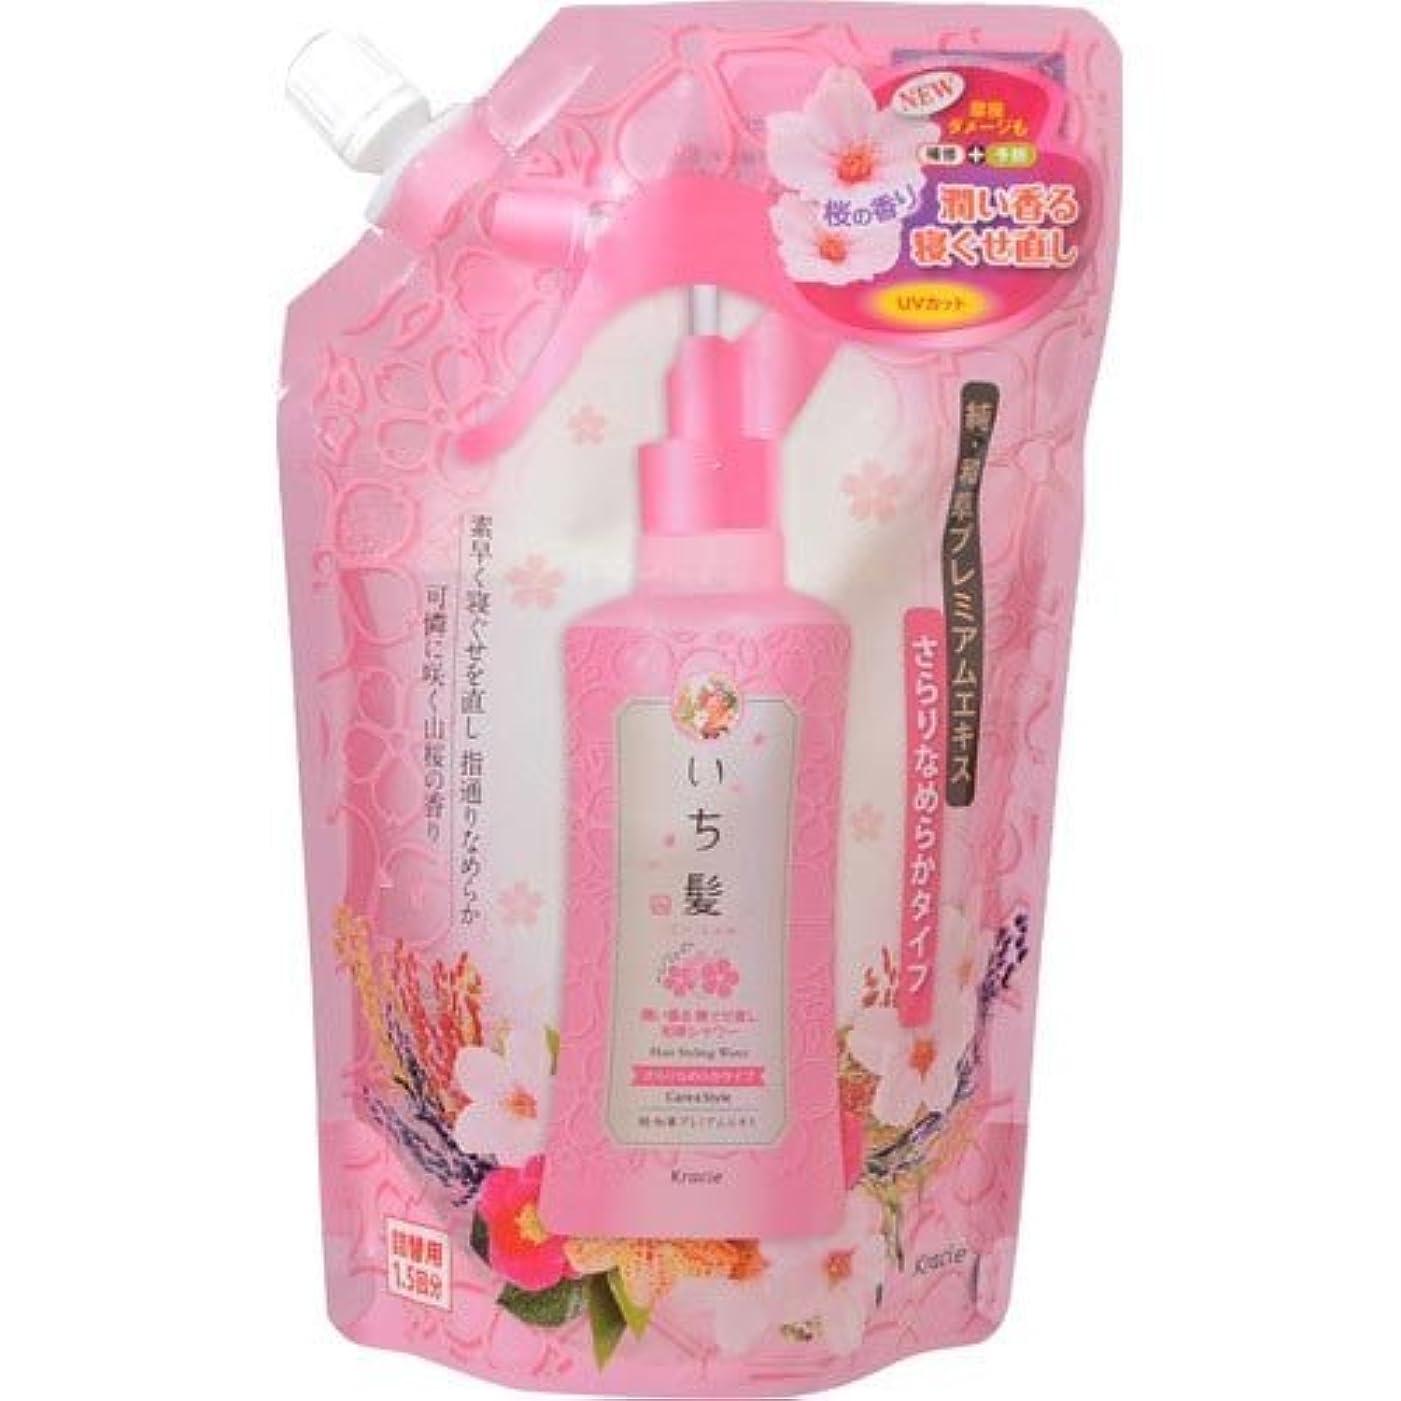 娘習字かみそりいち髪 潤い香る寝ぐせ直し和草シャワー さらりなめらかタイプ 詰替用 375mL